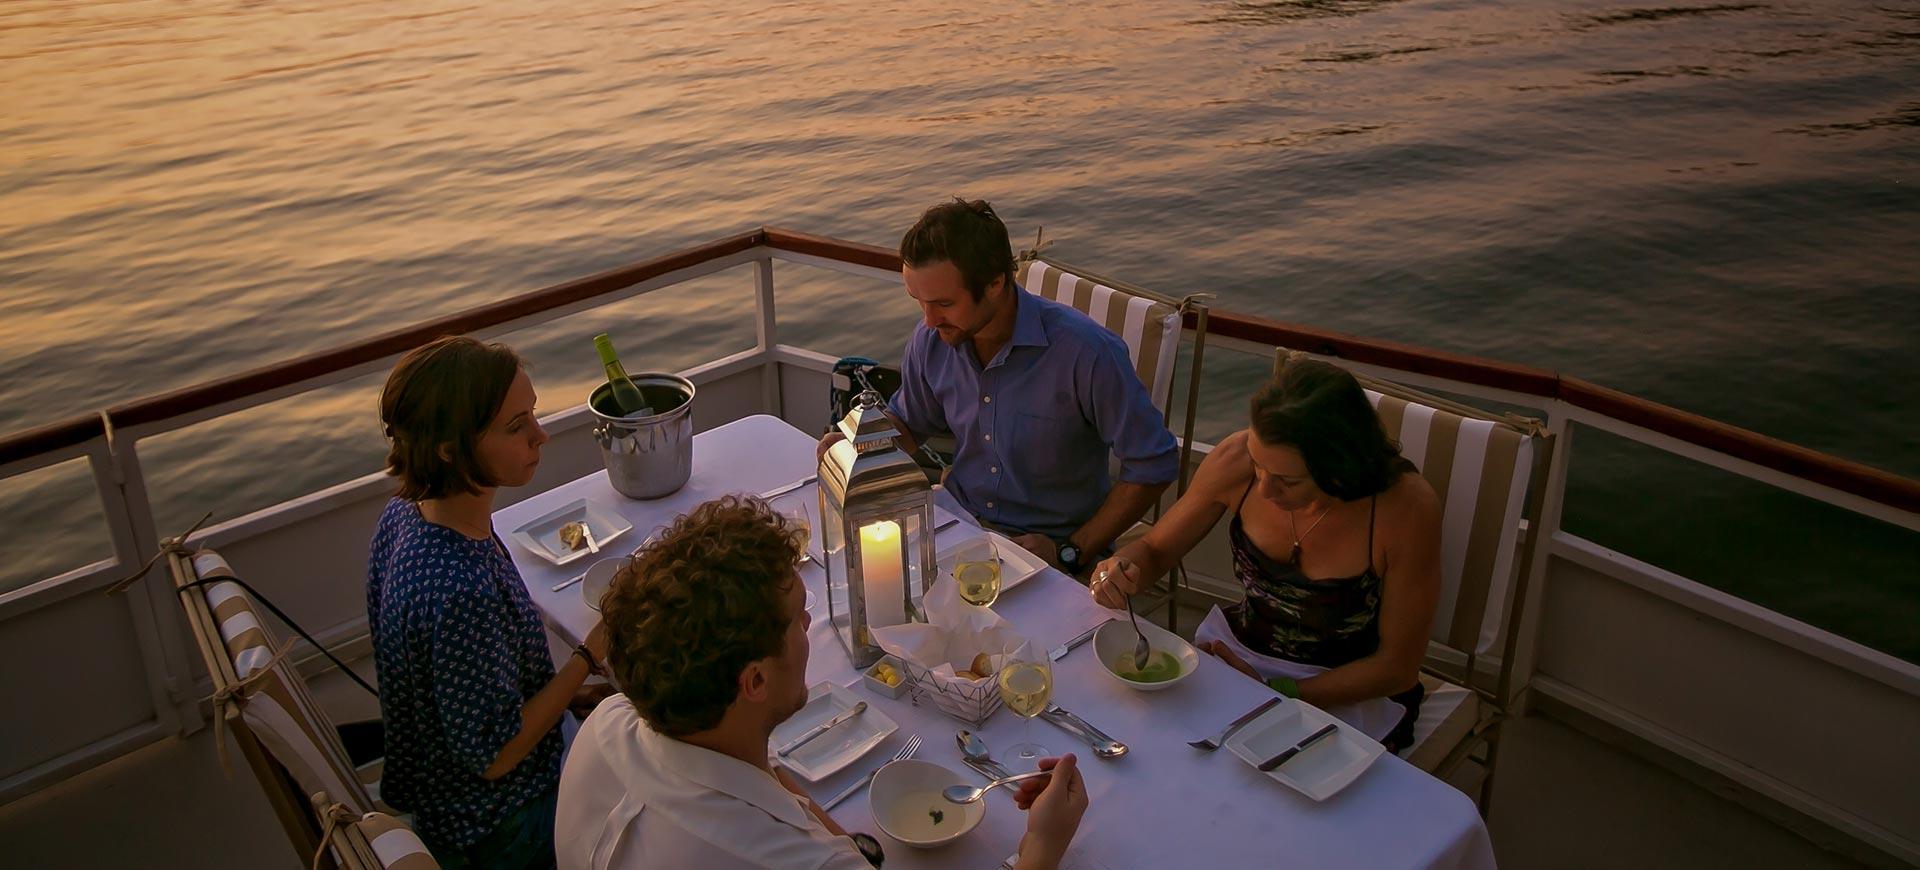 Dinner Cruise On Zambezi River In Victoria Falls Conference